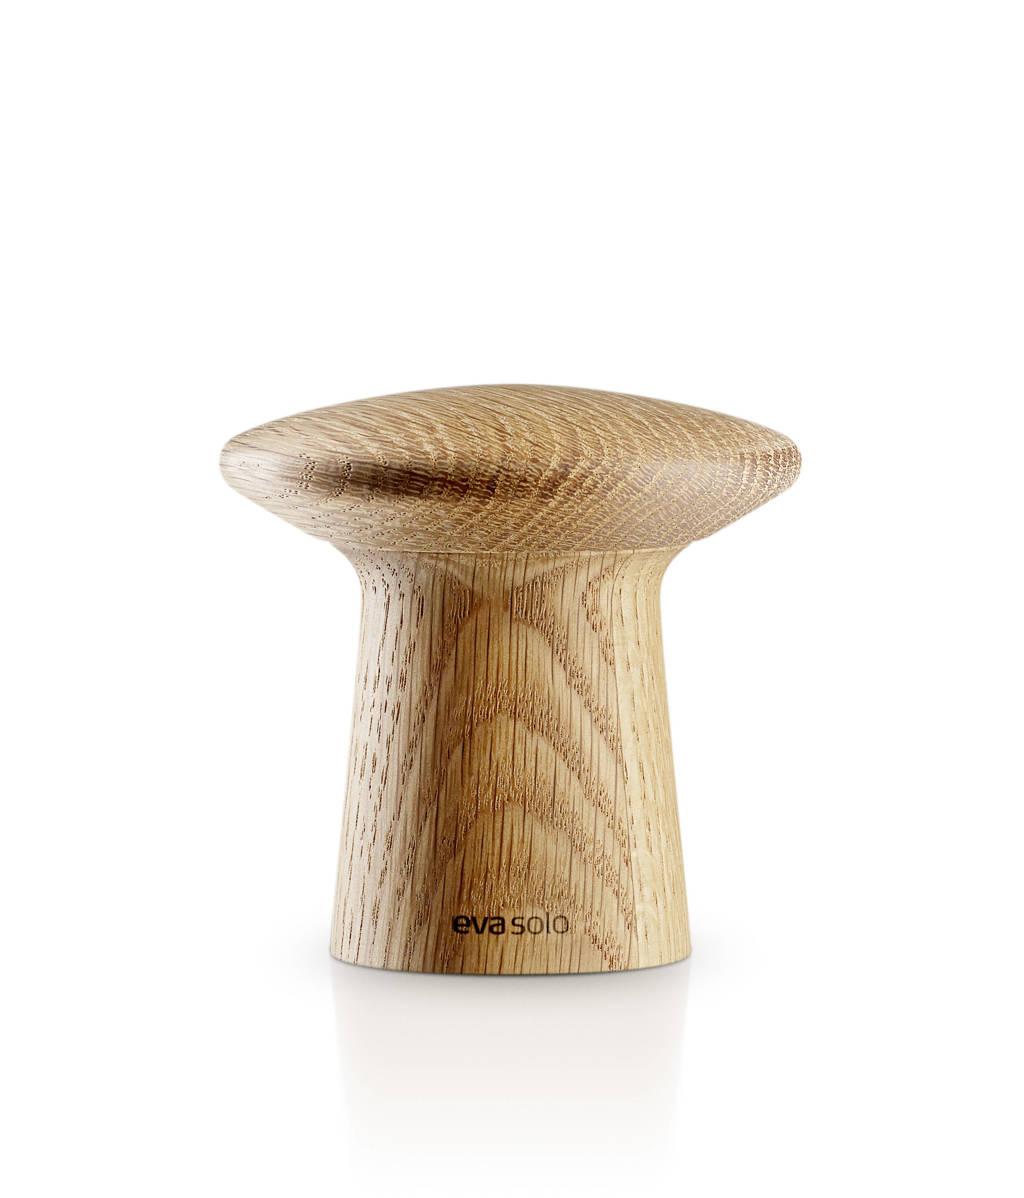 Eva Solo Zout of Peper Molen Oak 7.5 cm, Houtkleurig